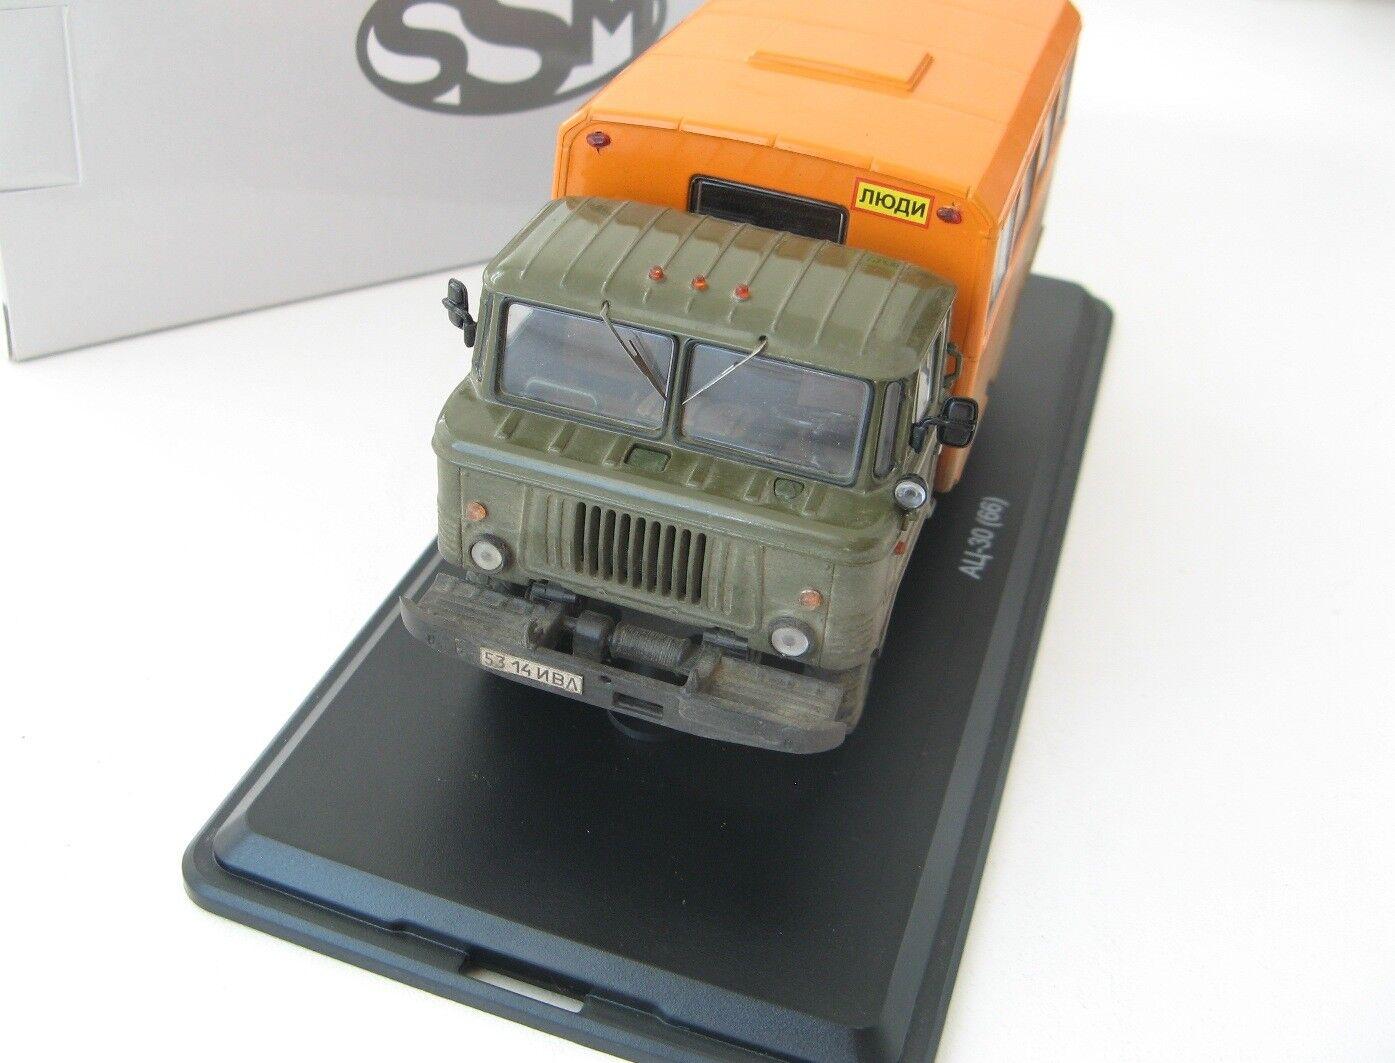 ГАЗ-66 Вахта хаки оранжевый   GAZ-66 GAZ-66 GAZ-66 Nostalgie SSM 1 43 exclusive L.E. 2074a9